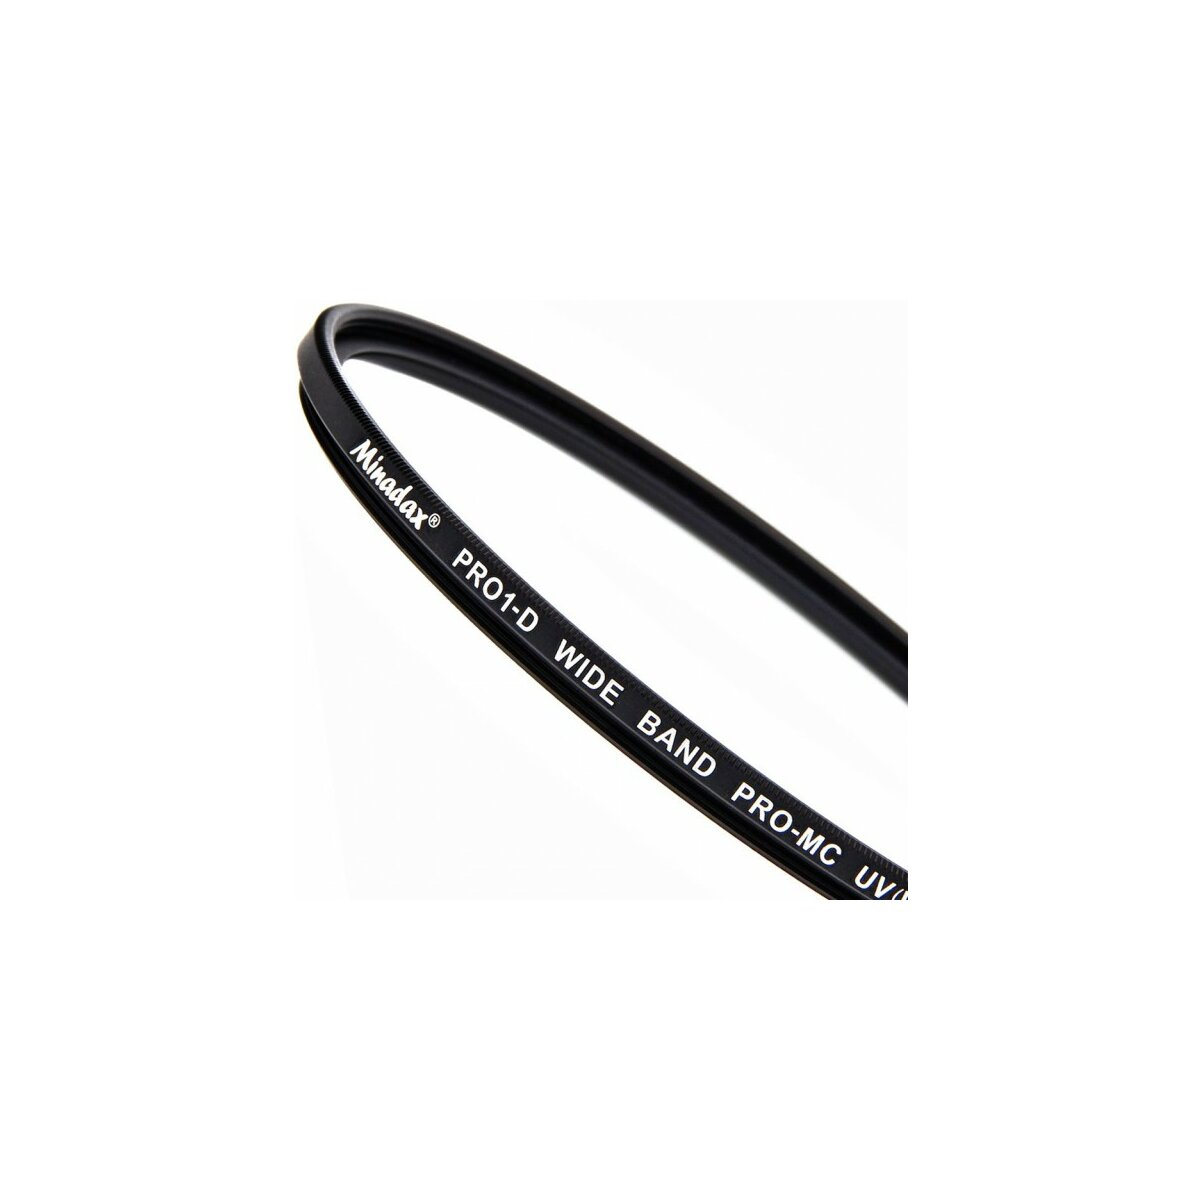 UV-Filter 52mm PRO-1D Slimline, ultraduenn 3mm & mehrfachverguetet